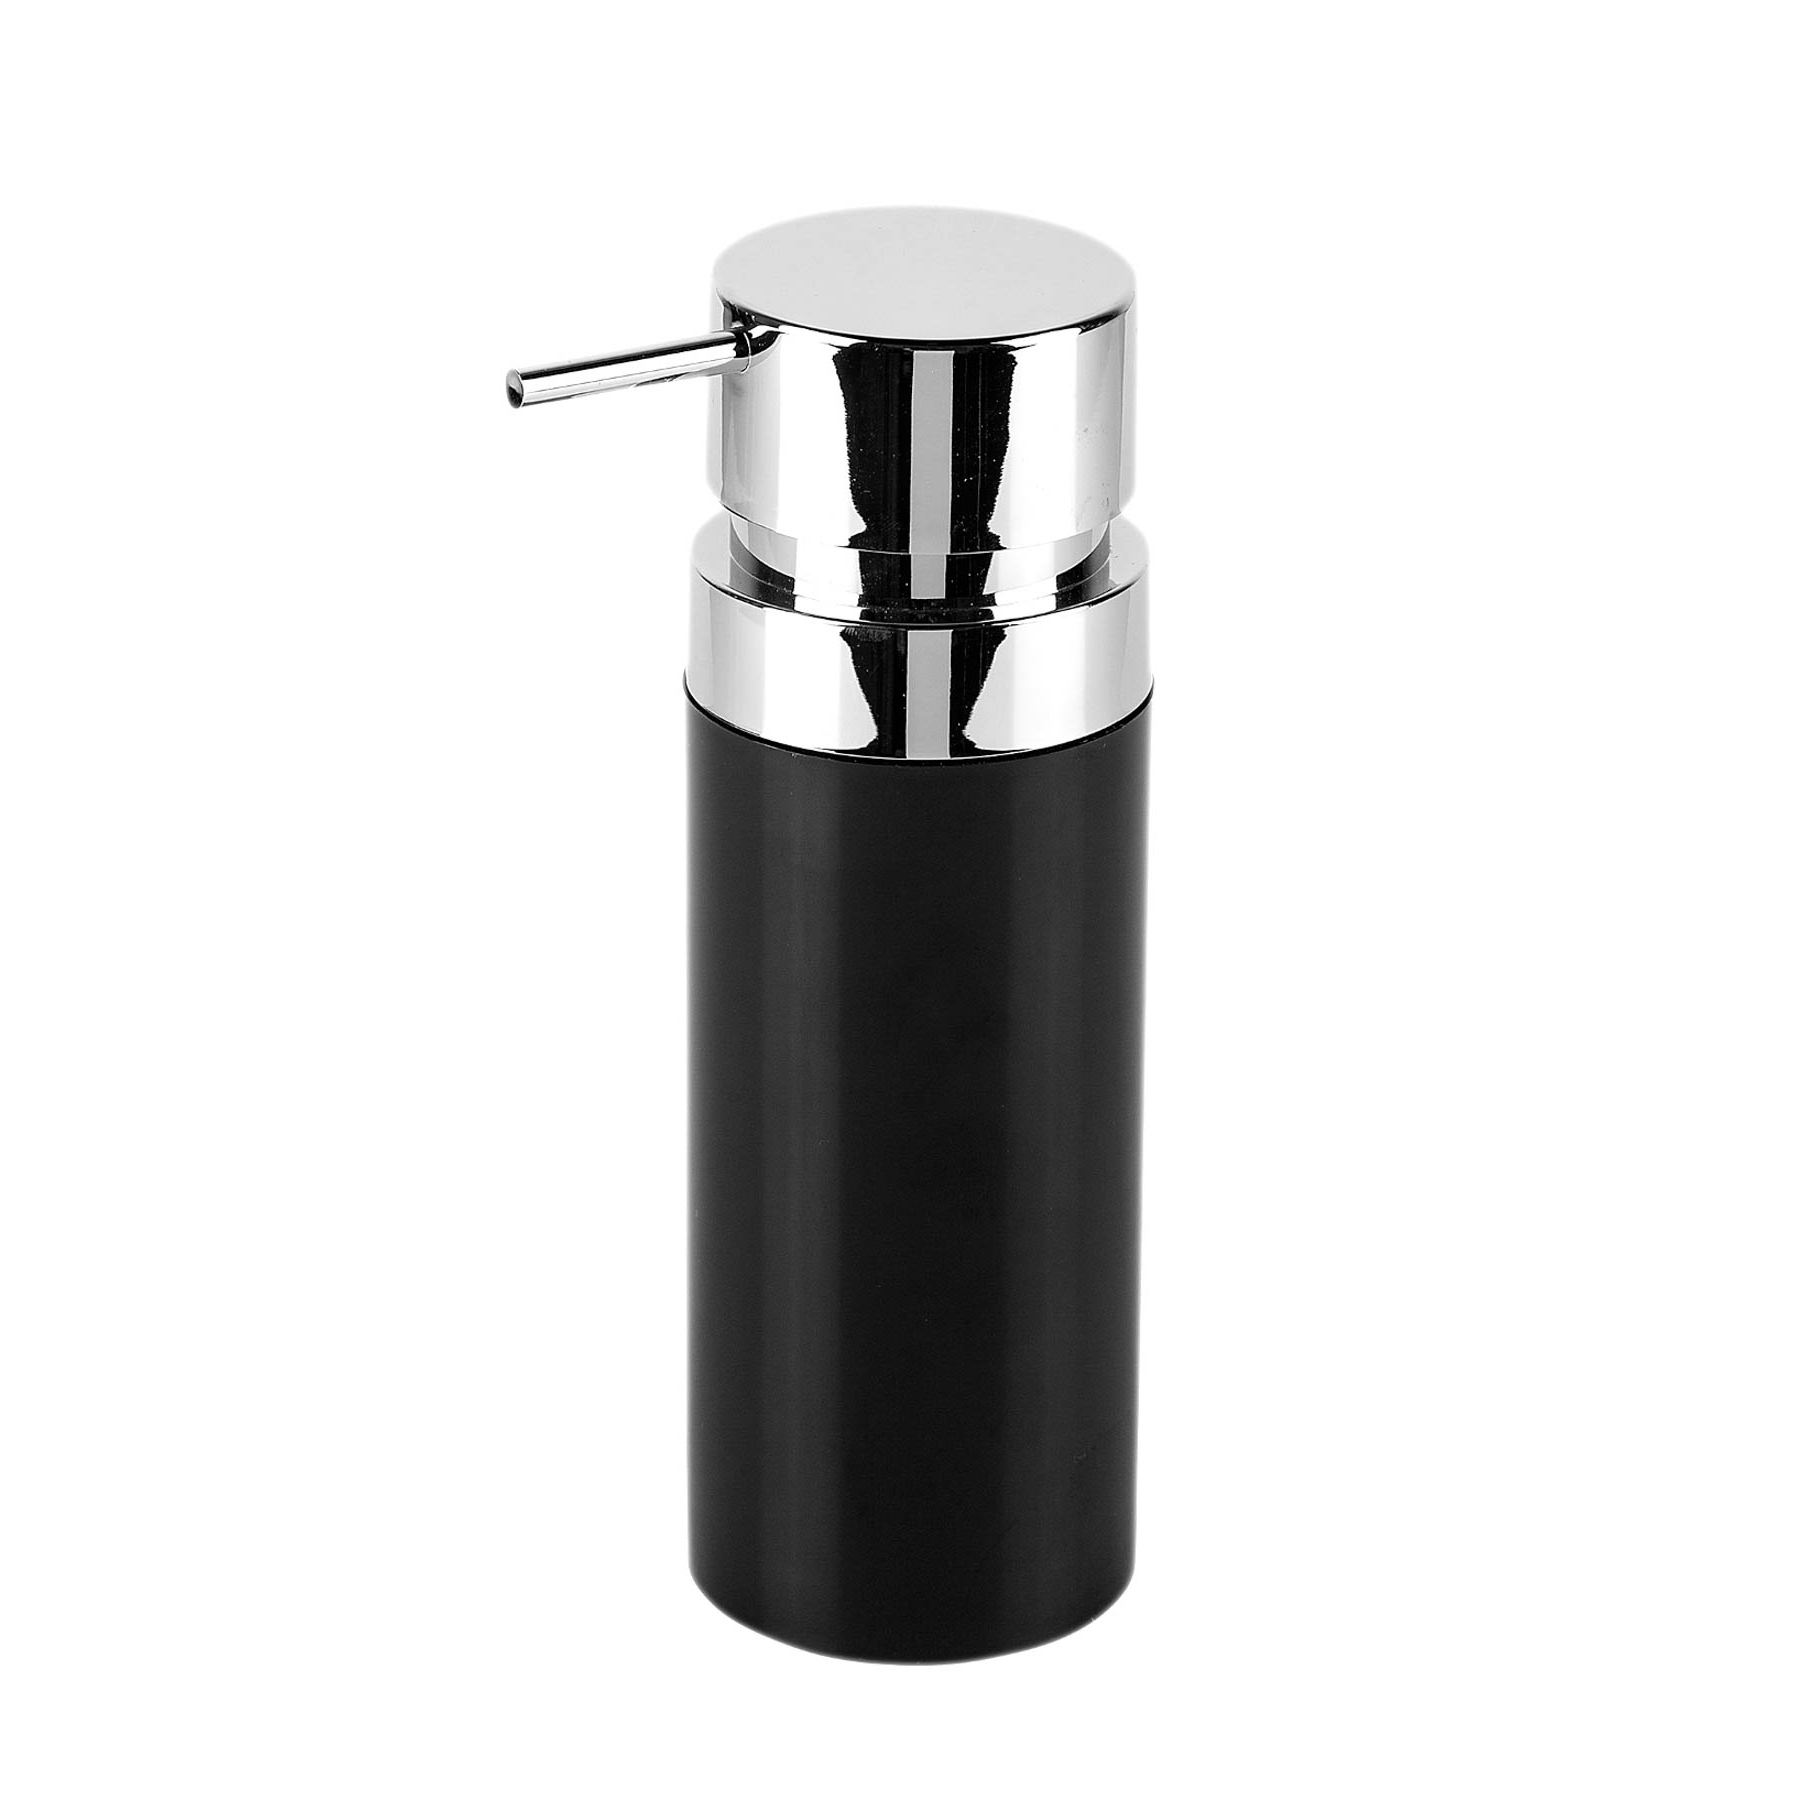 Фото - Дозатор Primanova Lenox для жидкого мыла черный 0,3 мл дозатор primanova lenox для жидкого мыла черный 0 3 мл